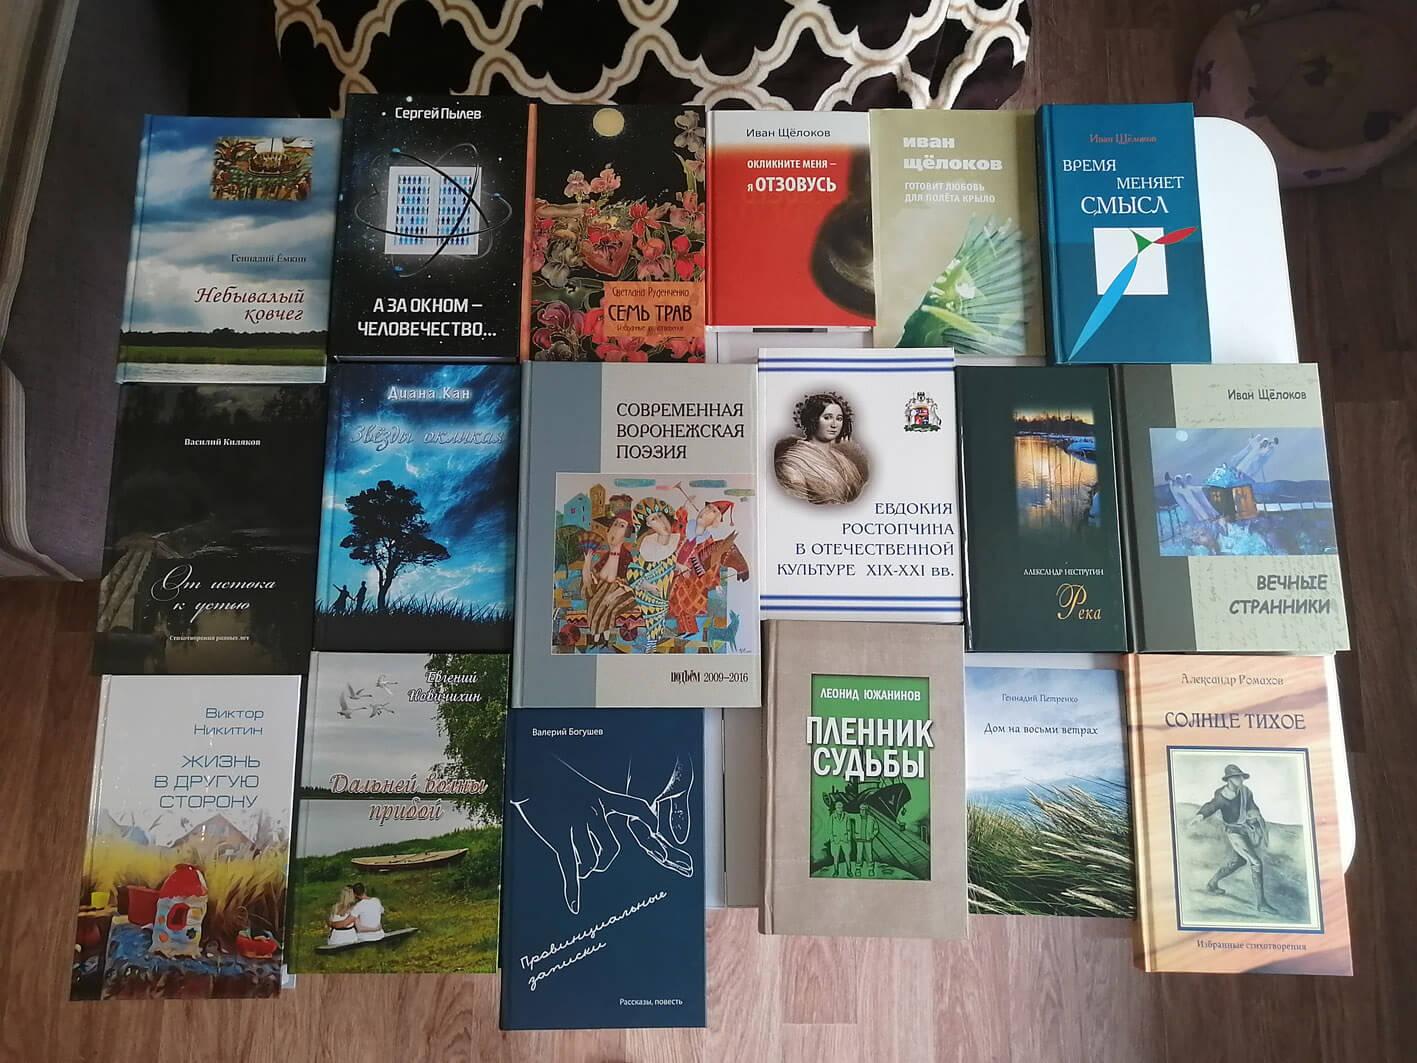 Журнал «Подъём» передал книги молодежной библиотеке Луганска